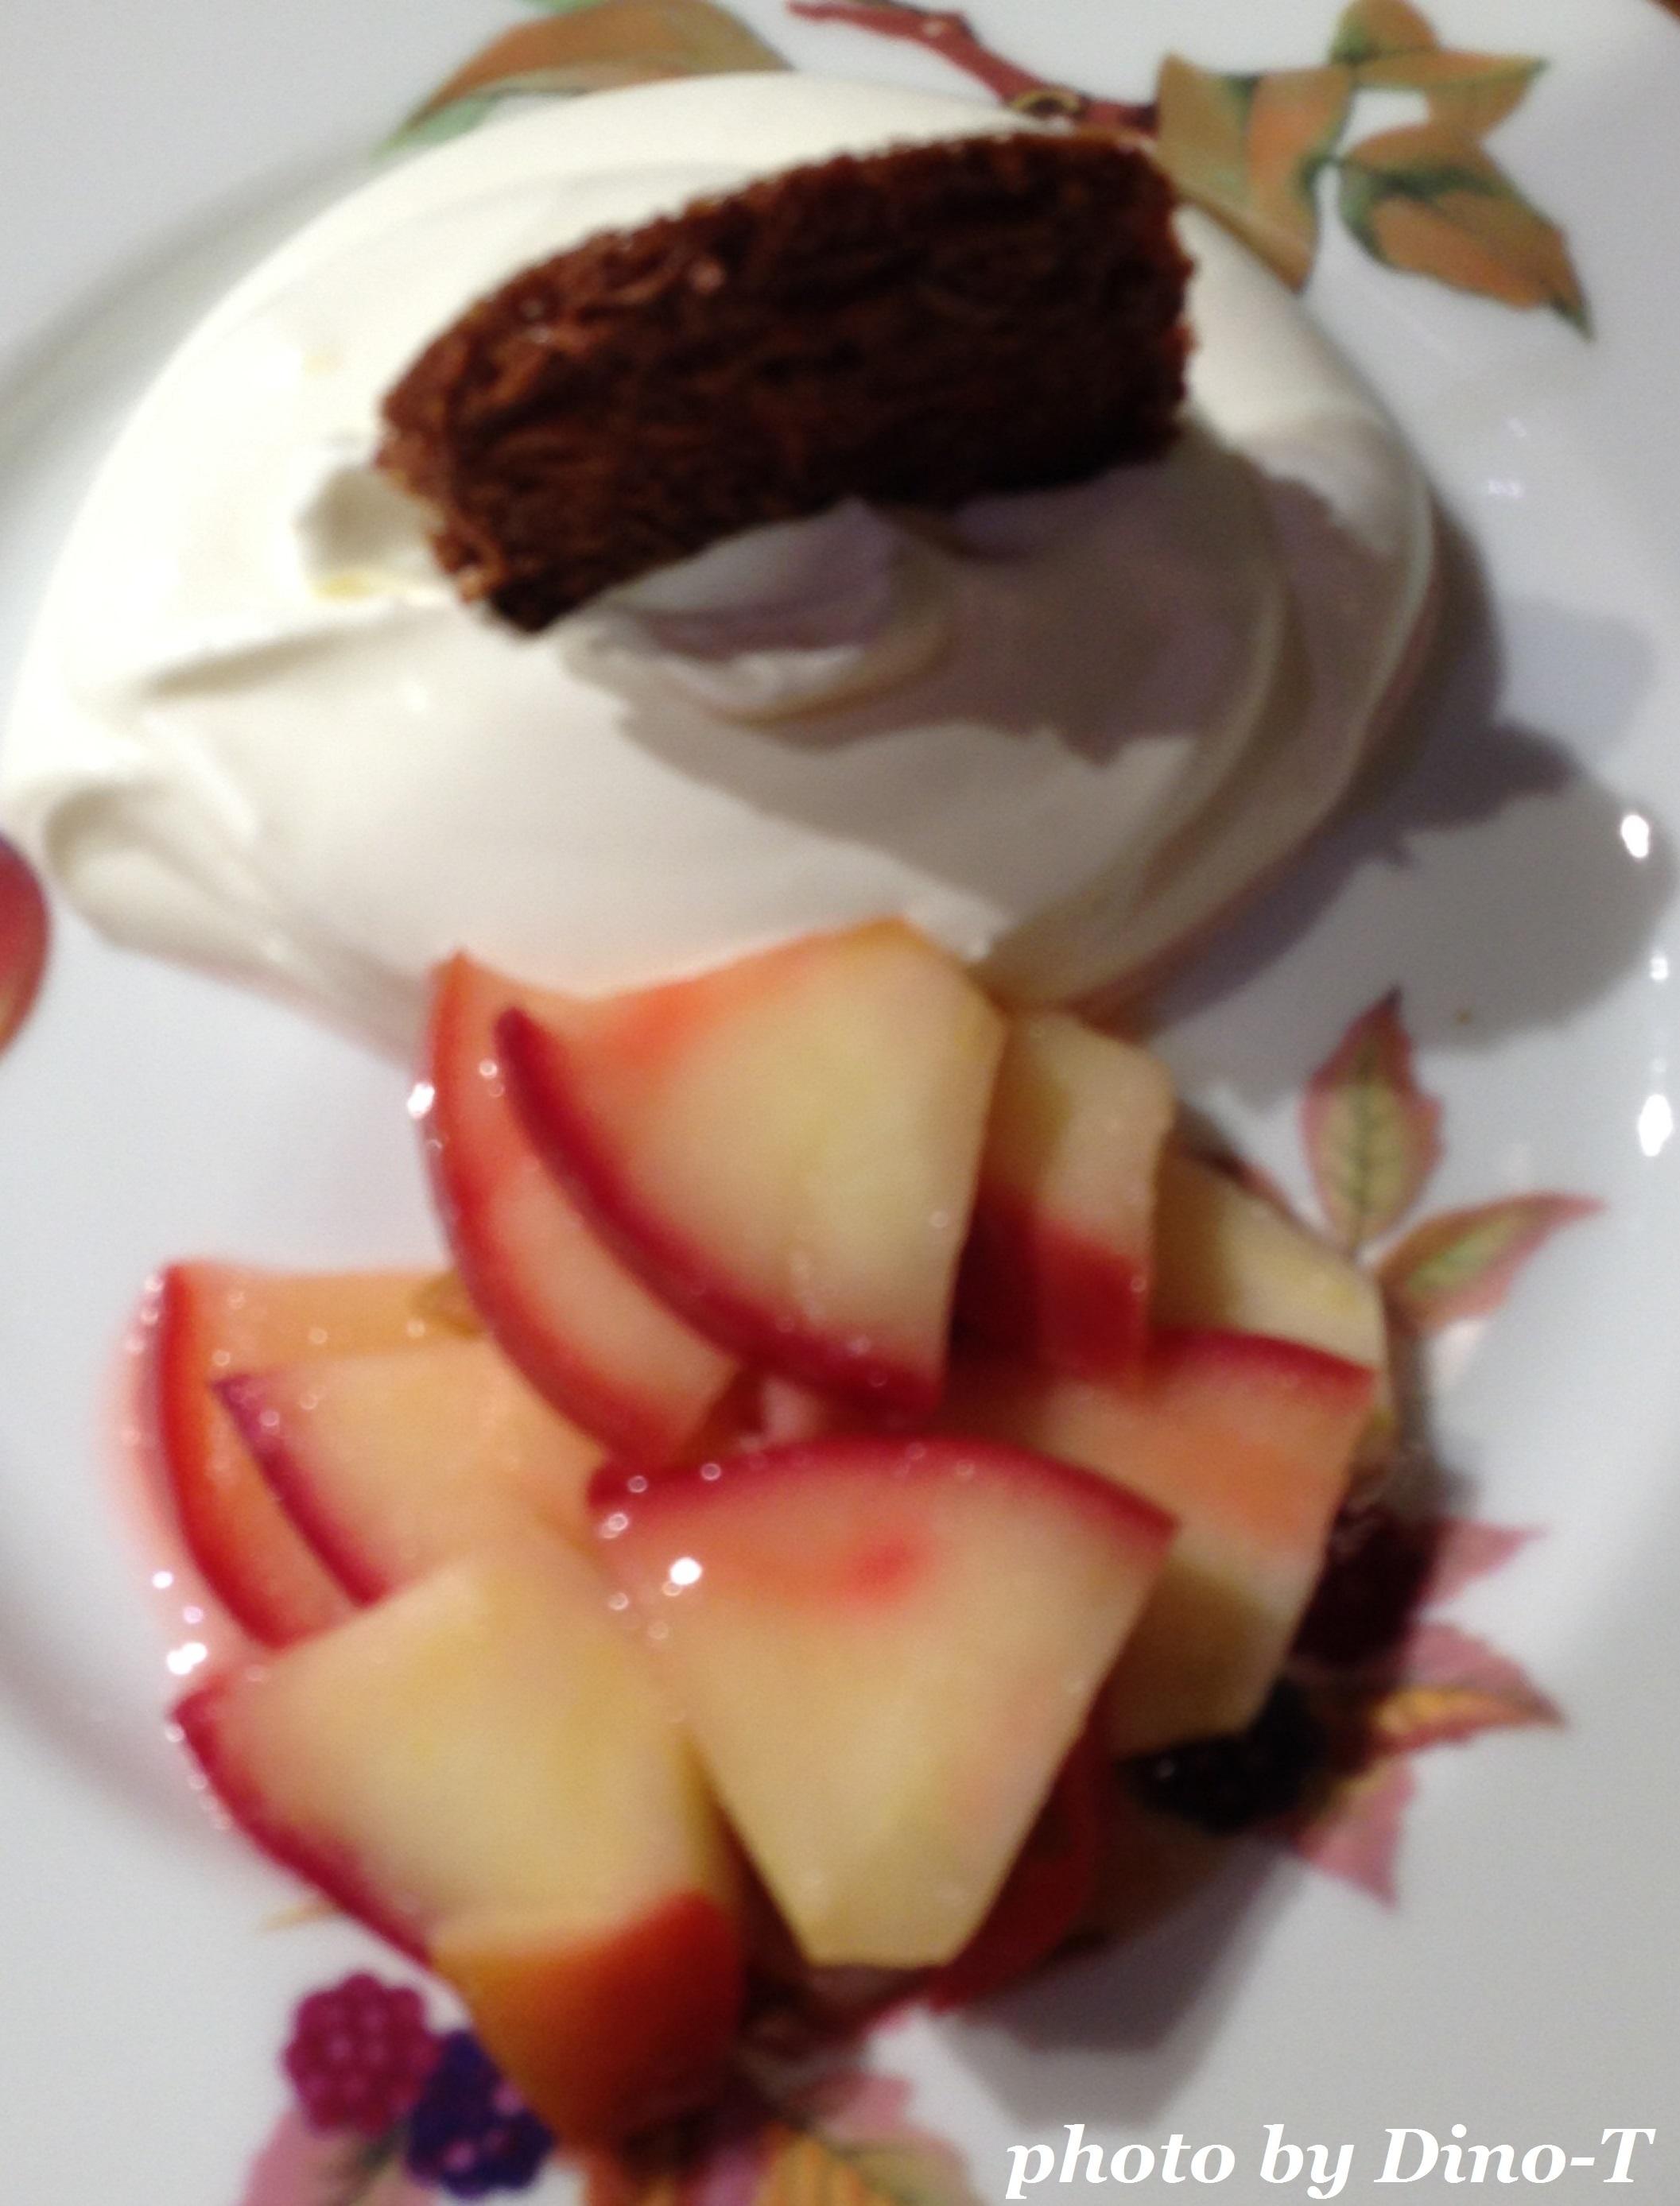 林檎とガレットのデザート2